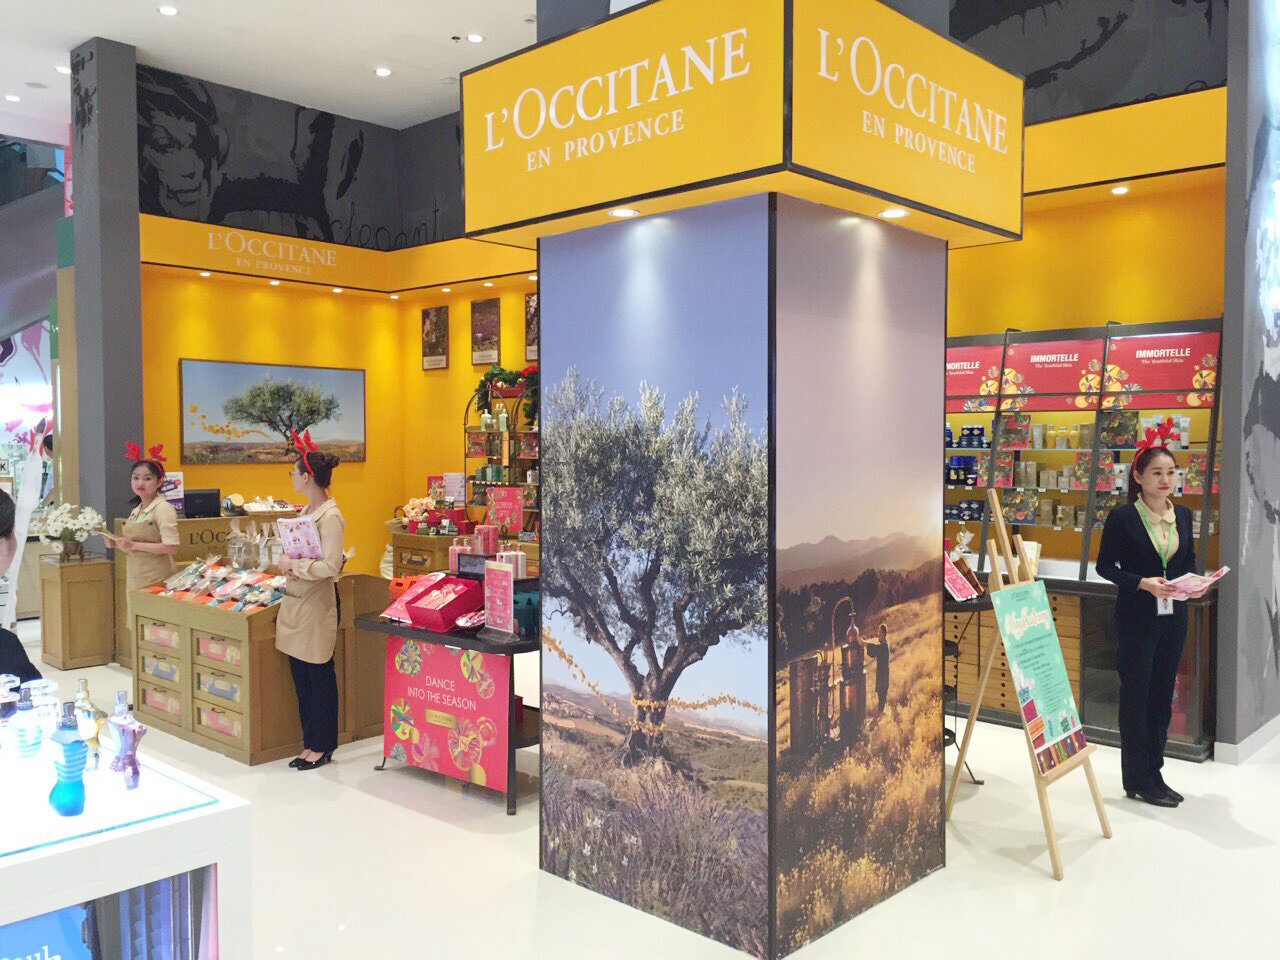 Đia chỉ các cửa hàng chính hãng của L'Occitane tại Việt Nam